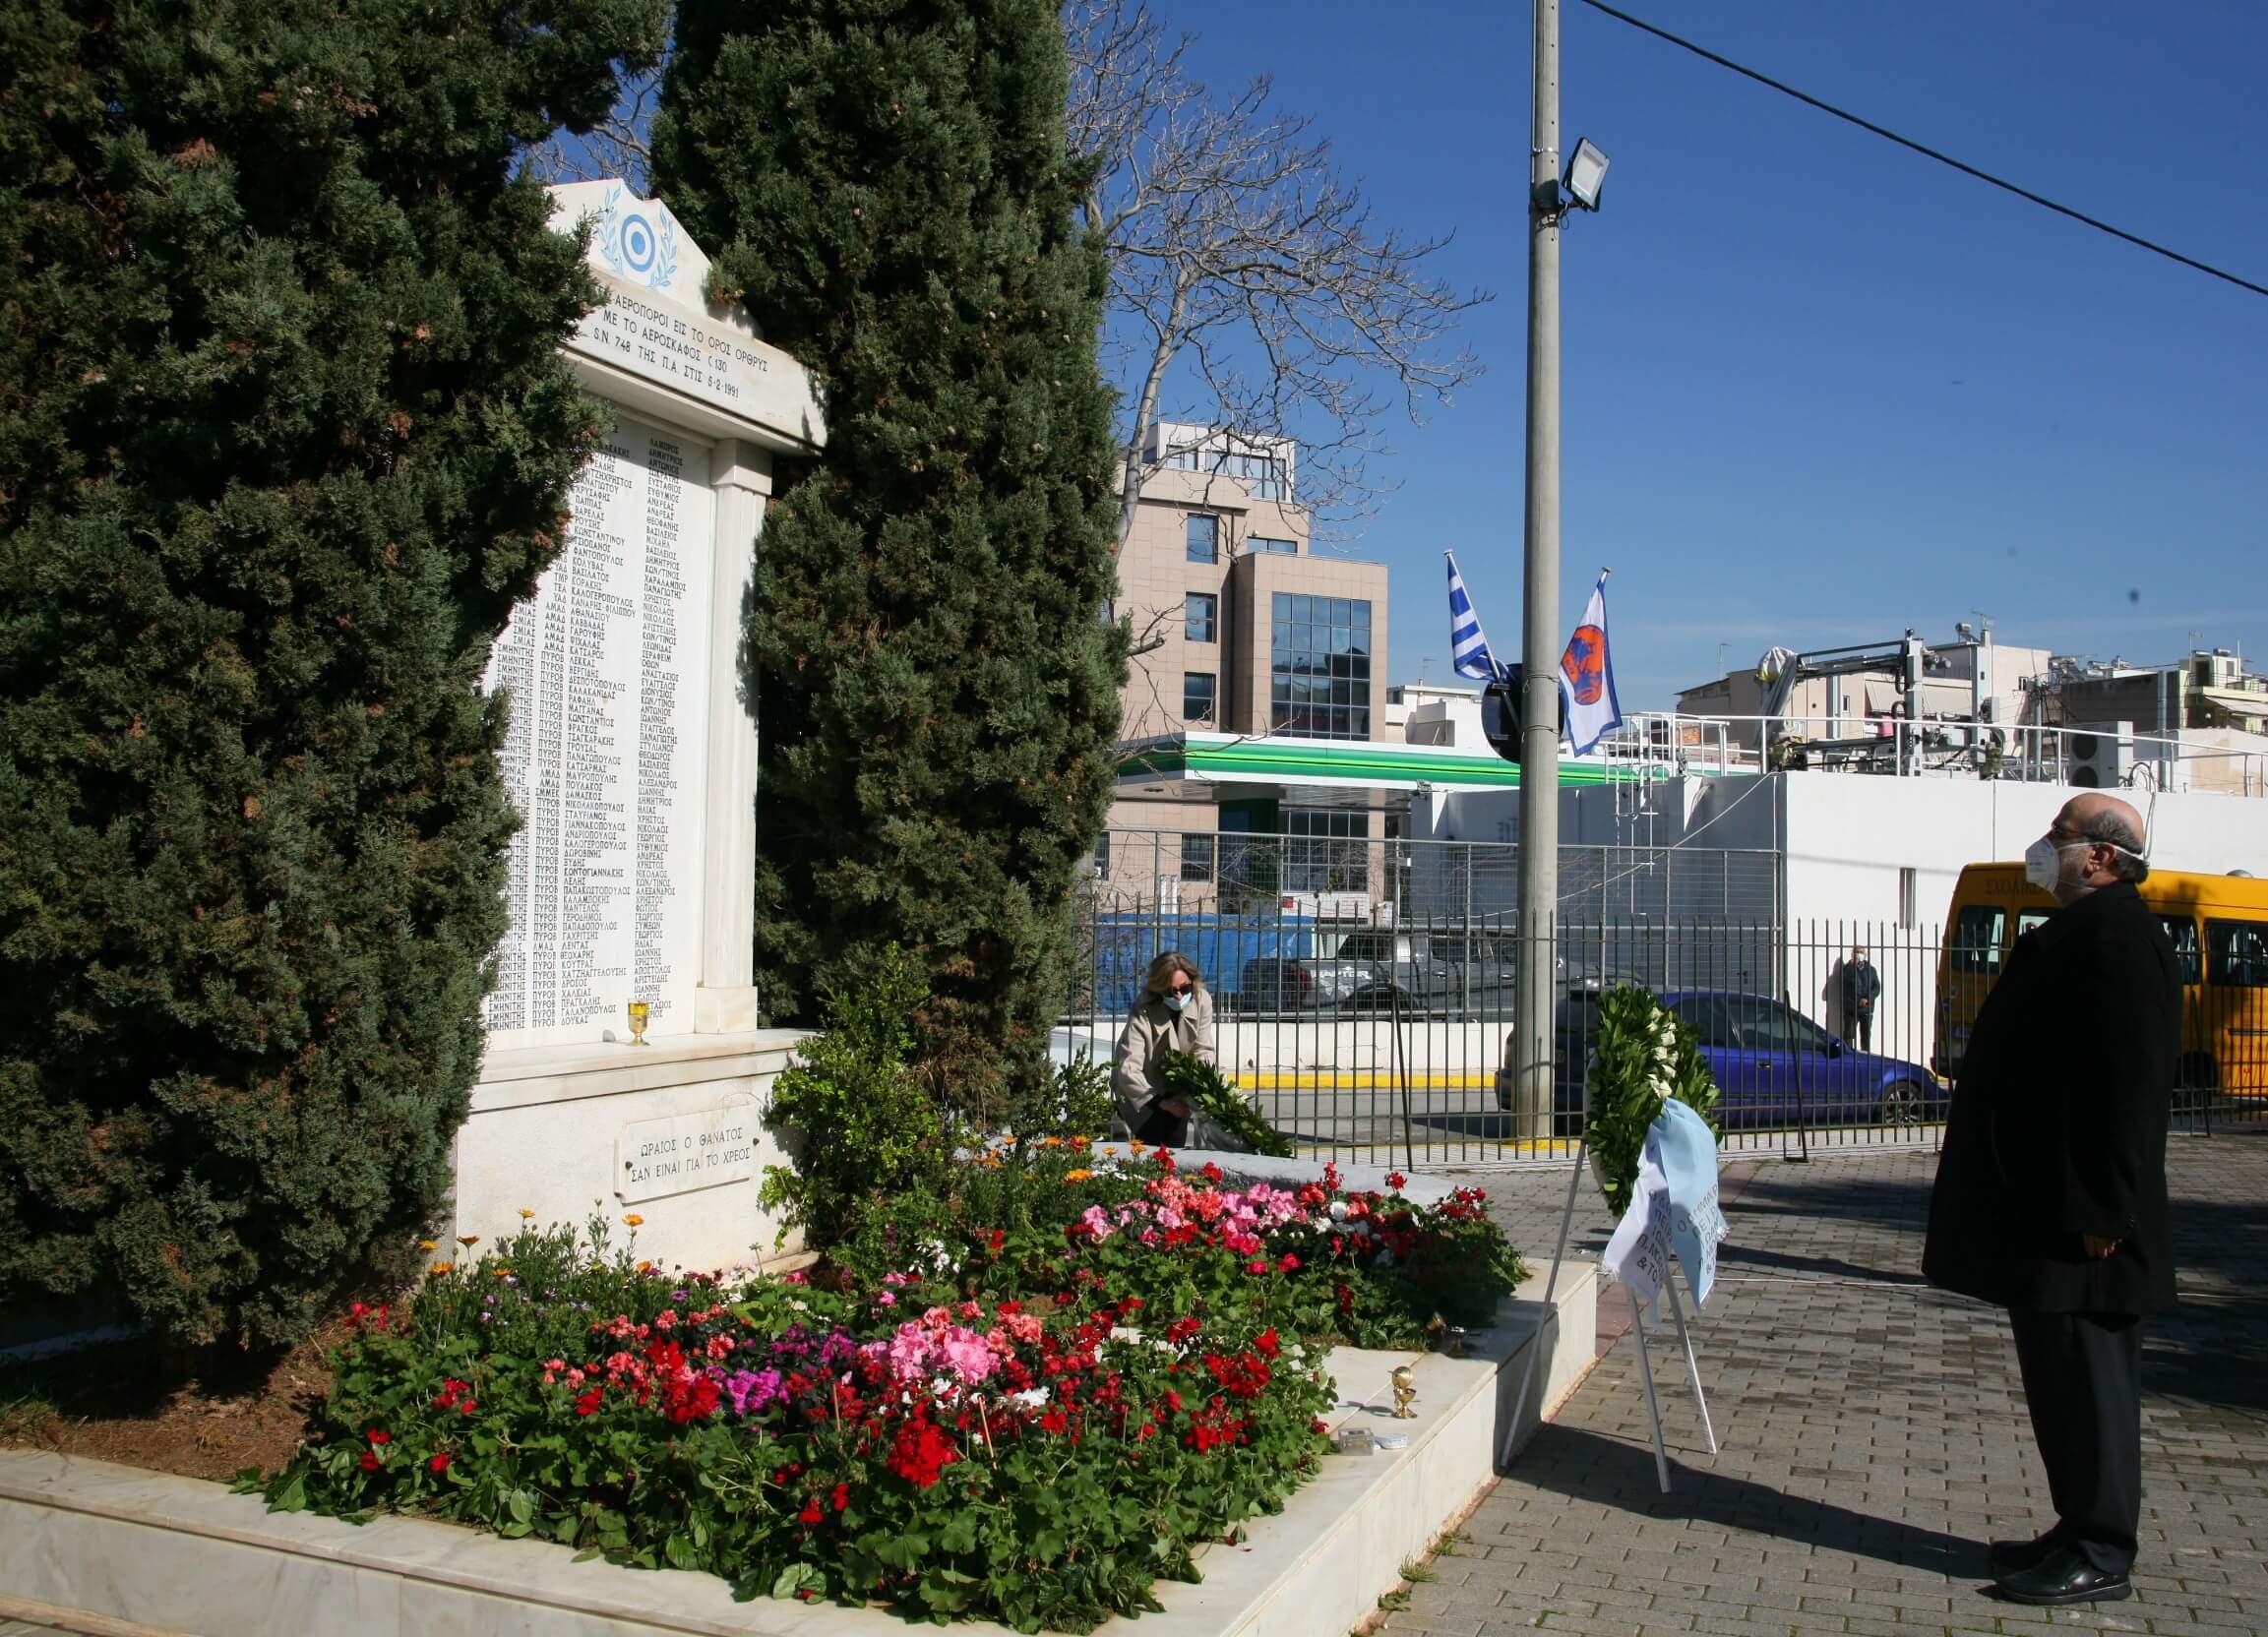 Ο Δήμος Πειραιά τίμησε την μνήμη των 63 νεκρών του C-130